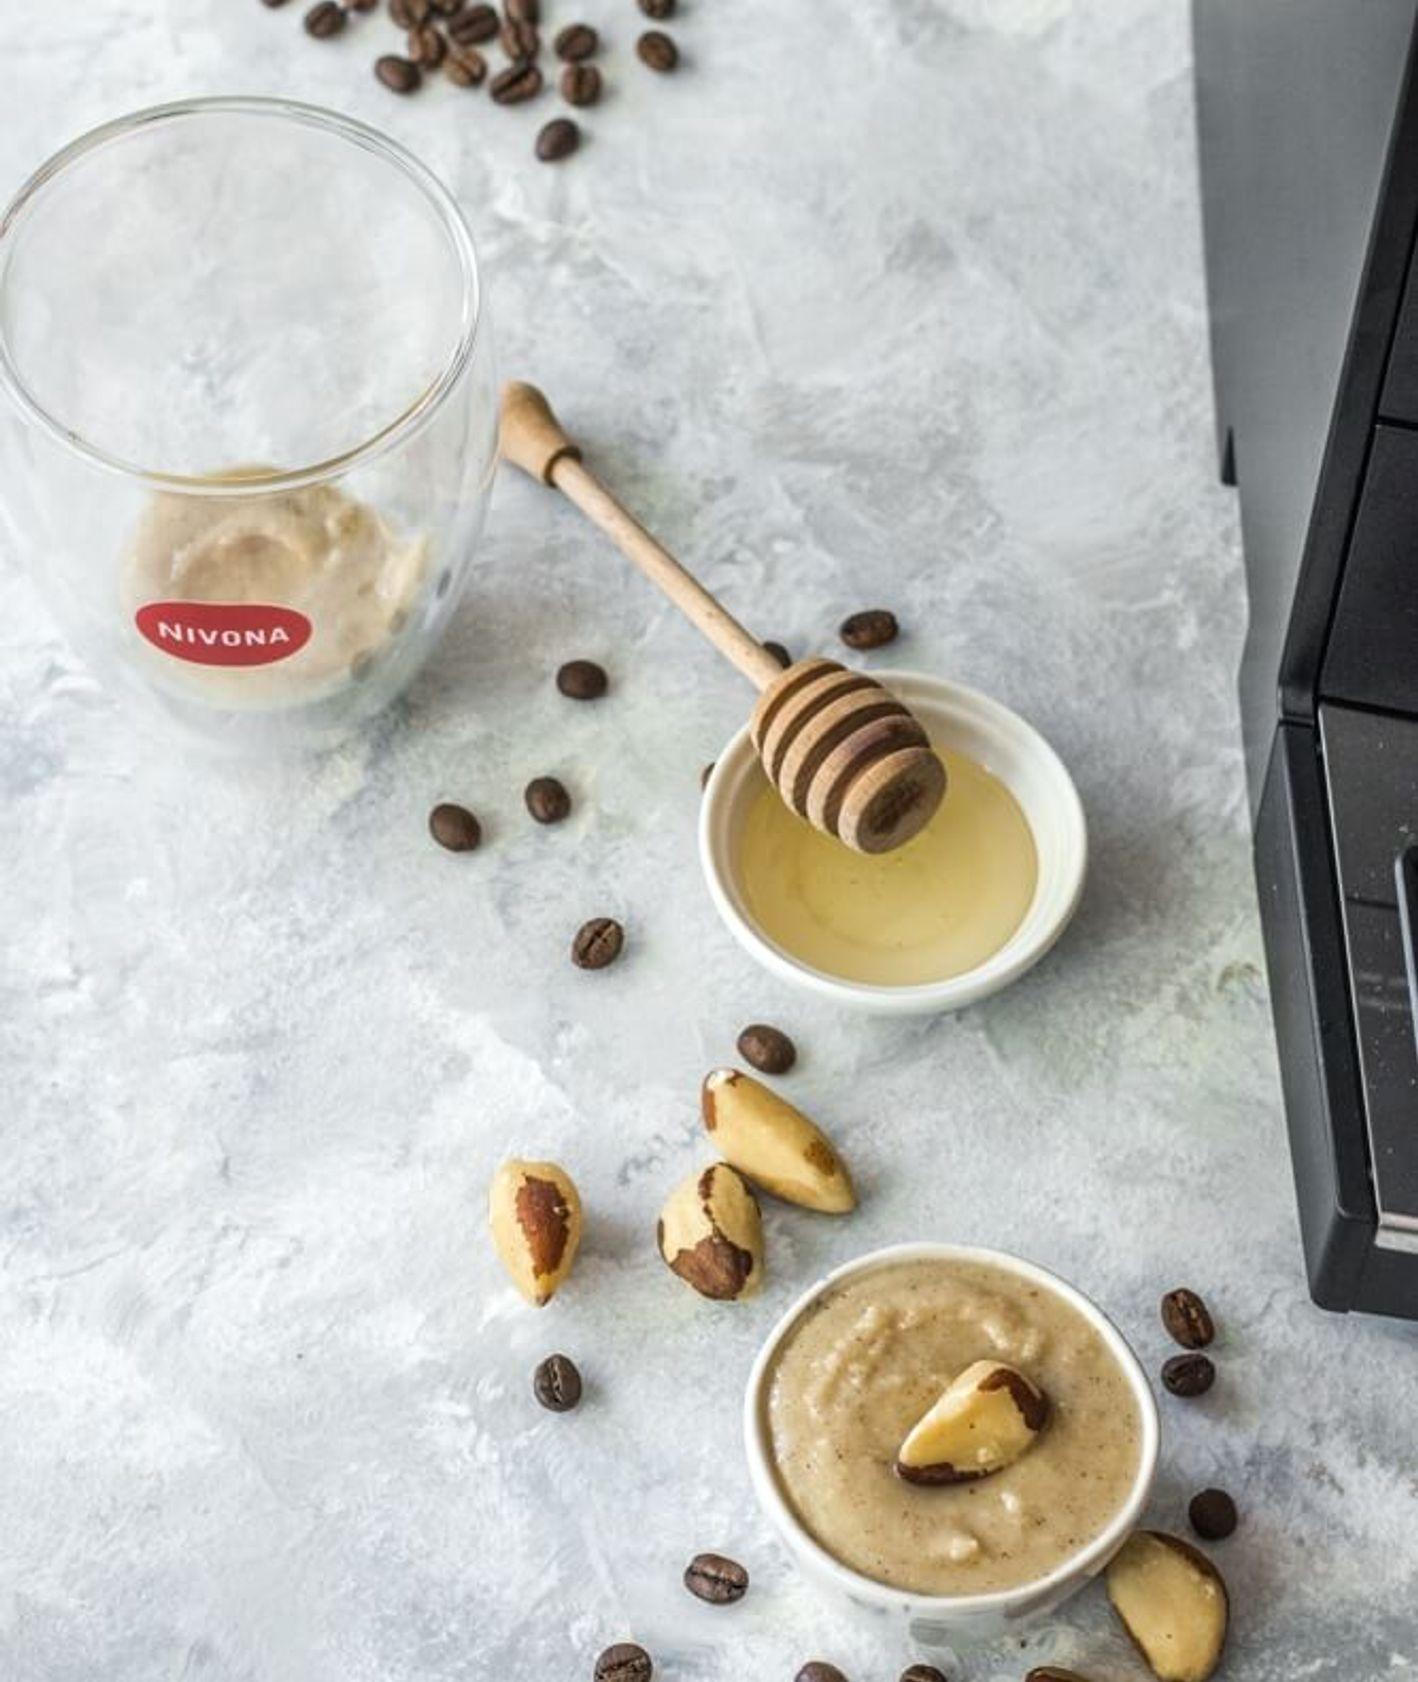 Ekspres do kawy marki Nivona podczas parzenia jesiennej kawy, kawa, mleko, miód i orzechy brazylijskie (fot.materiały prasowe)